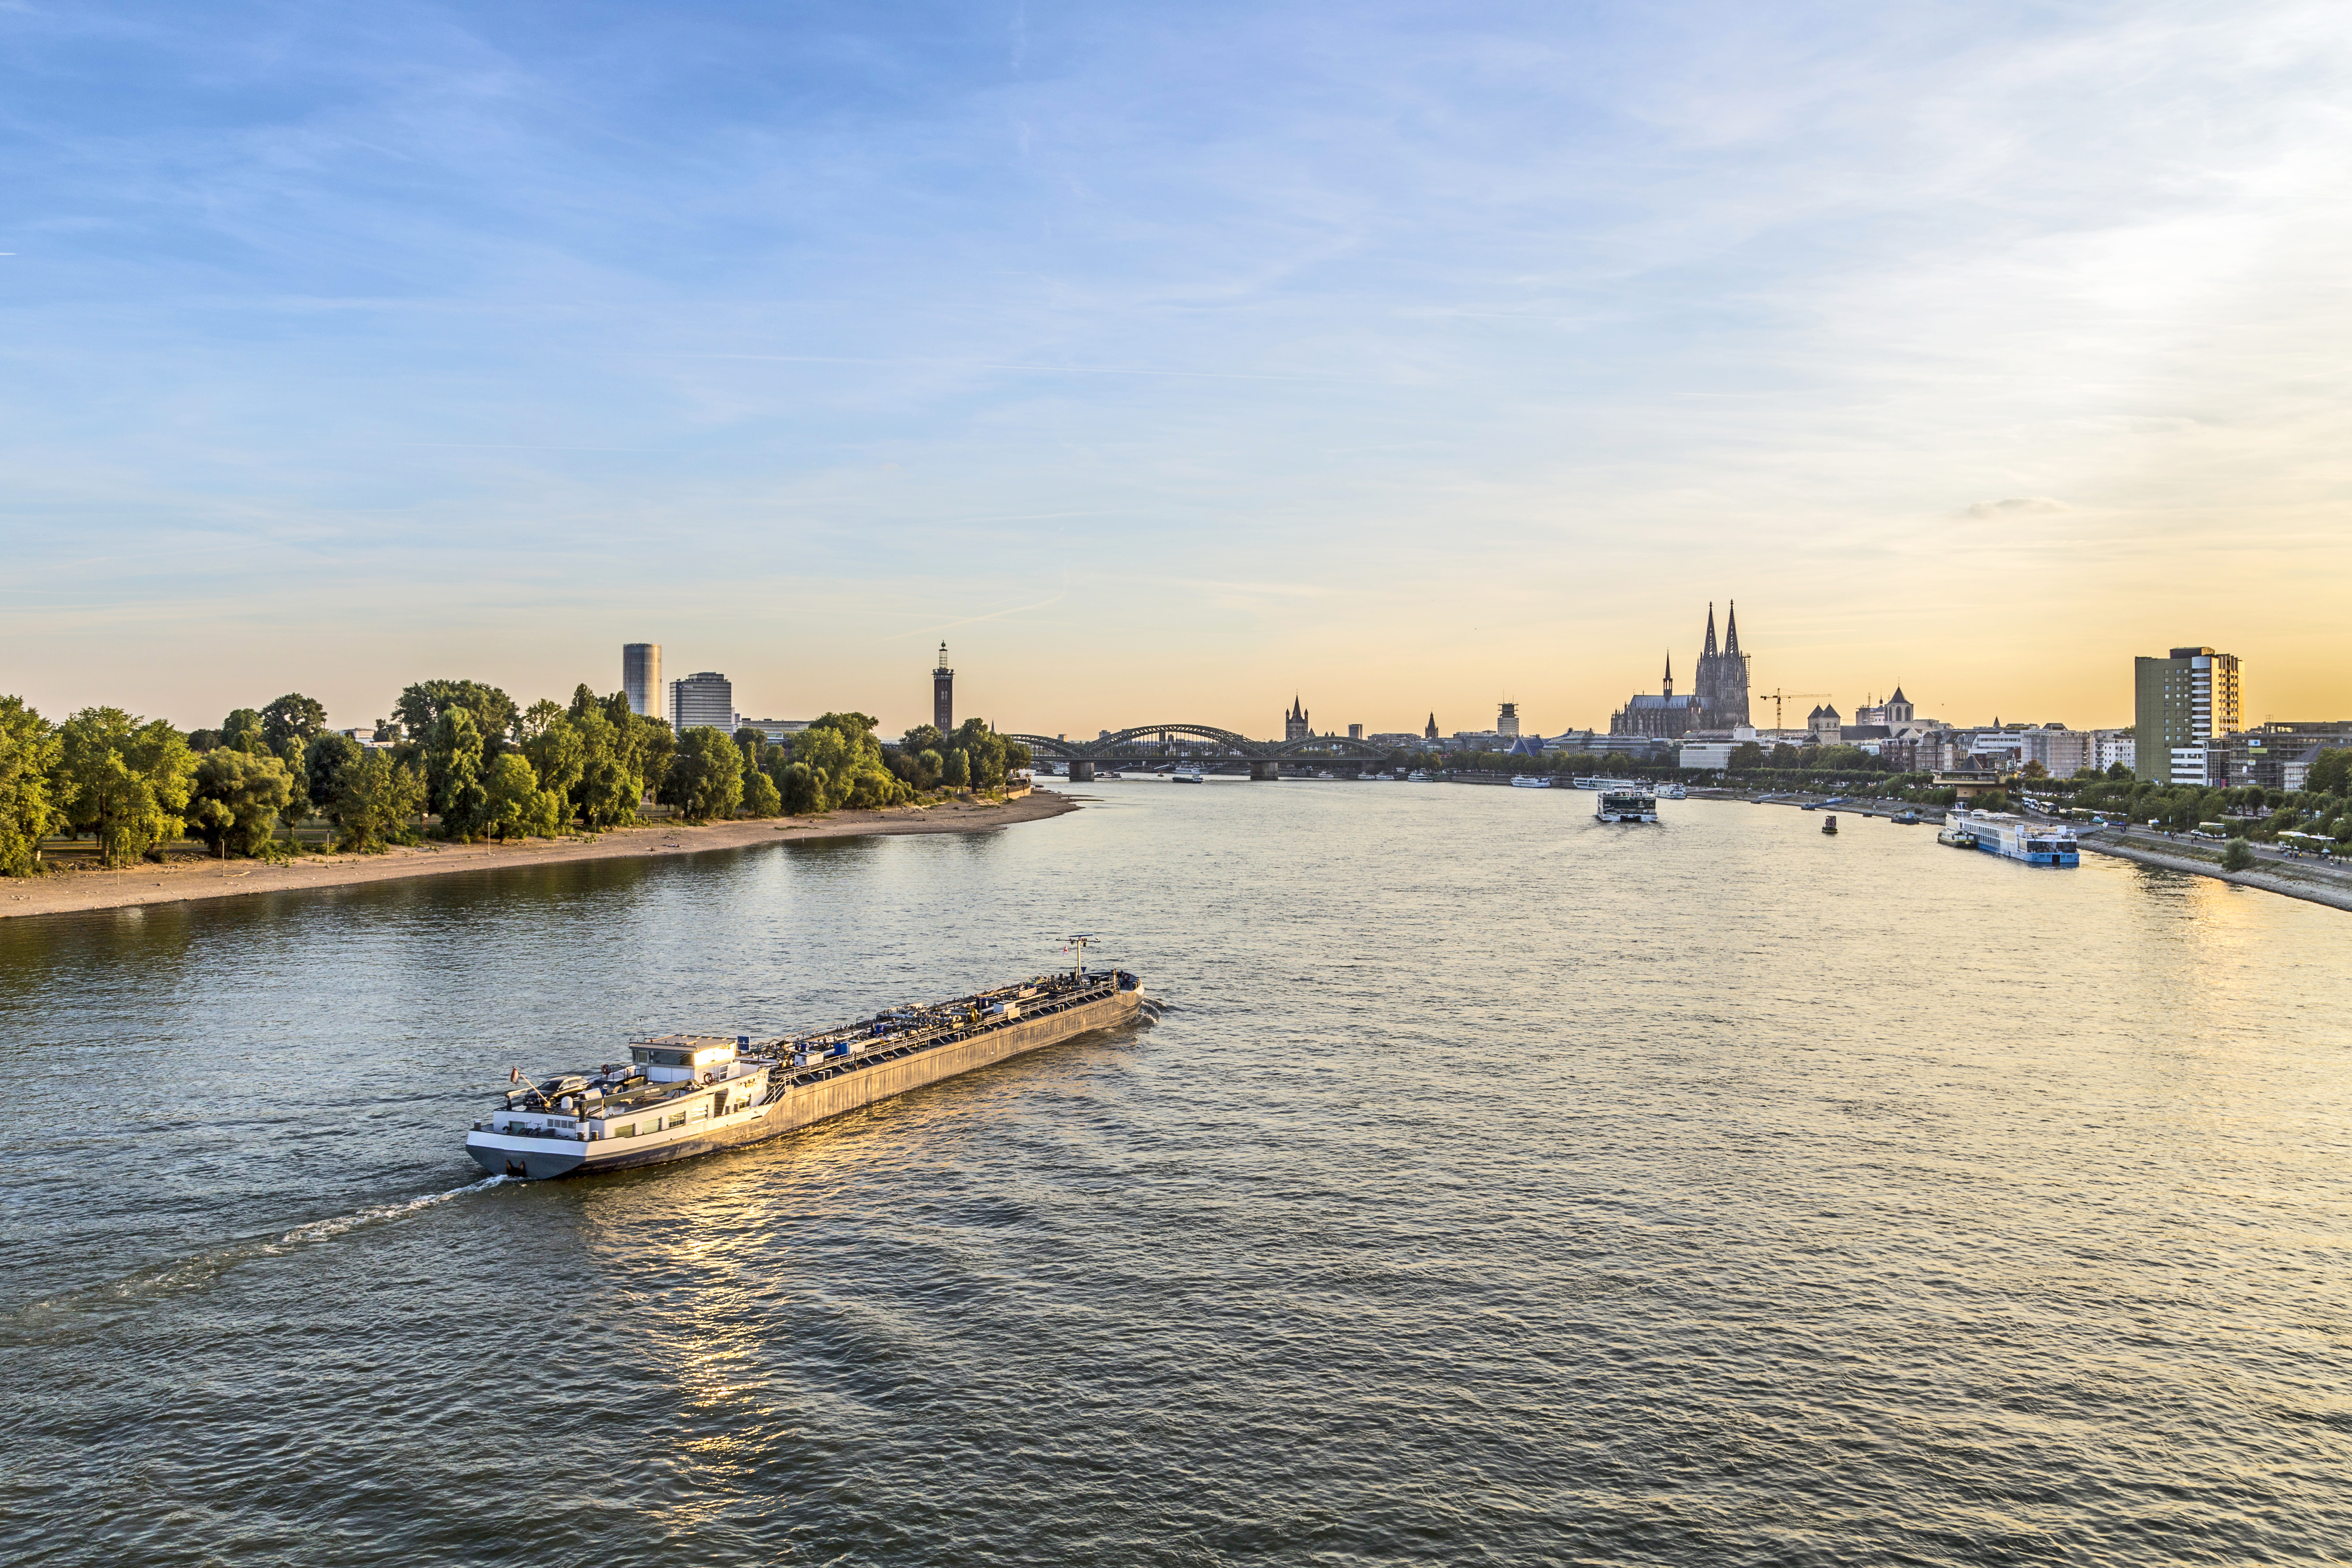 Colonia en la orilla del río Rin - Bélgica Circuito Londres, Países Bajos y el Rhin